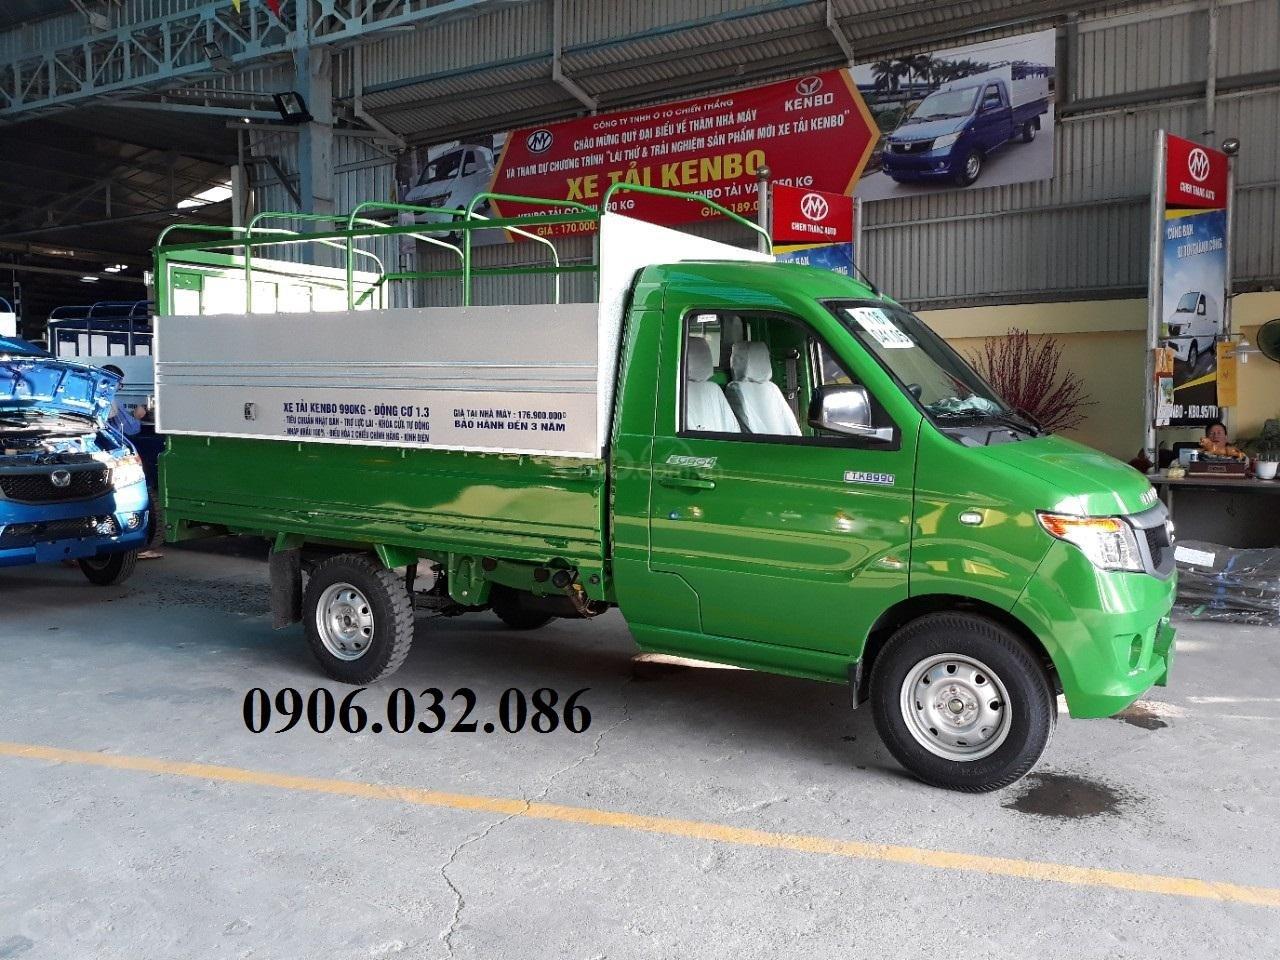 Bán xe tải Kenbo mui bạt tại Thái Bình (2)